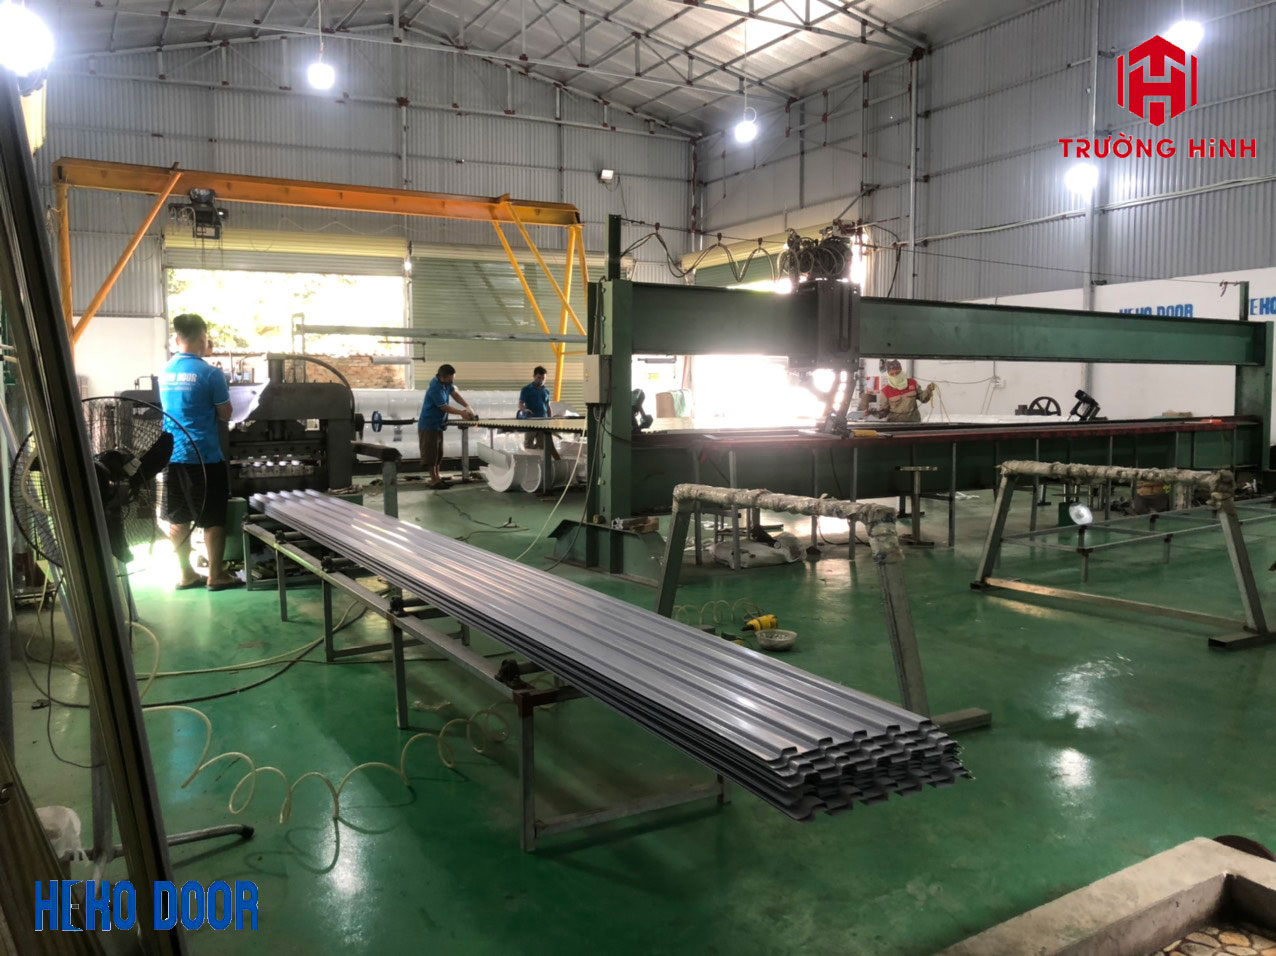 Xưởng sản xuất cửa cuốn tấm liền tại Trường Hinh